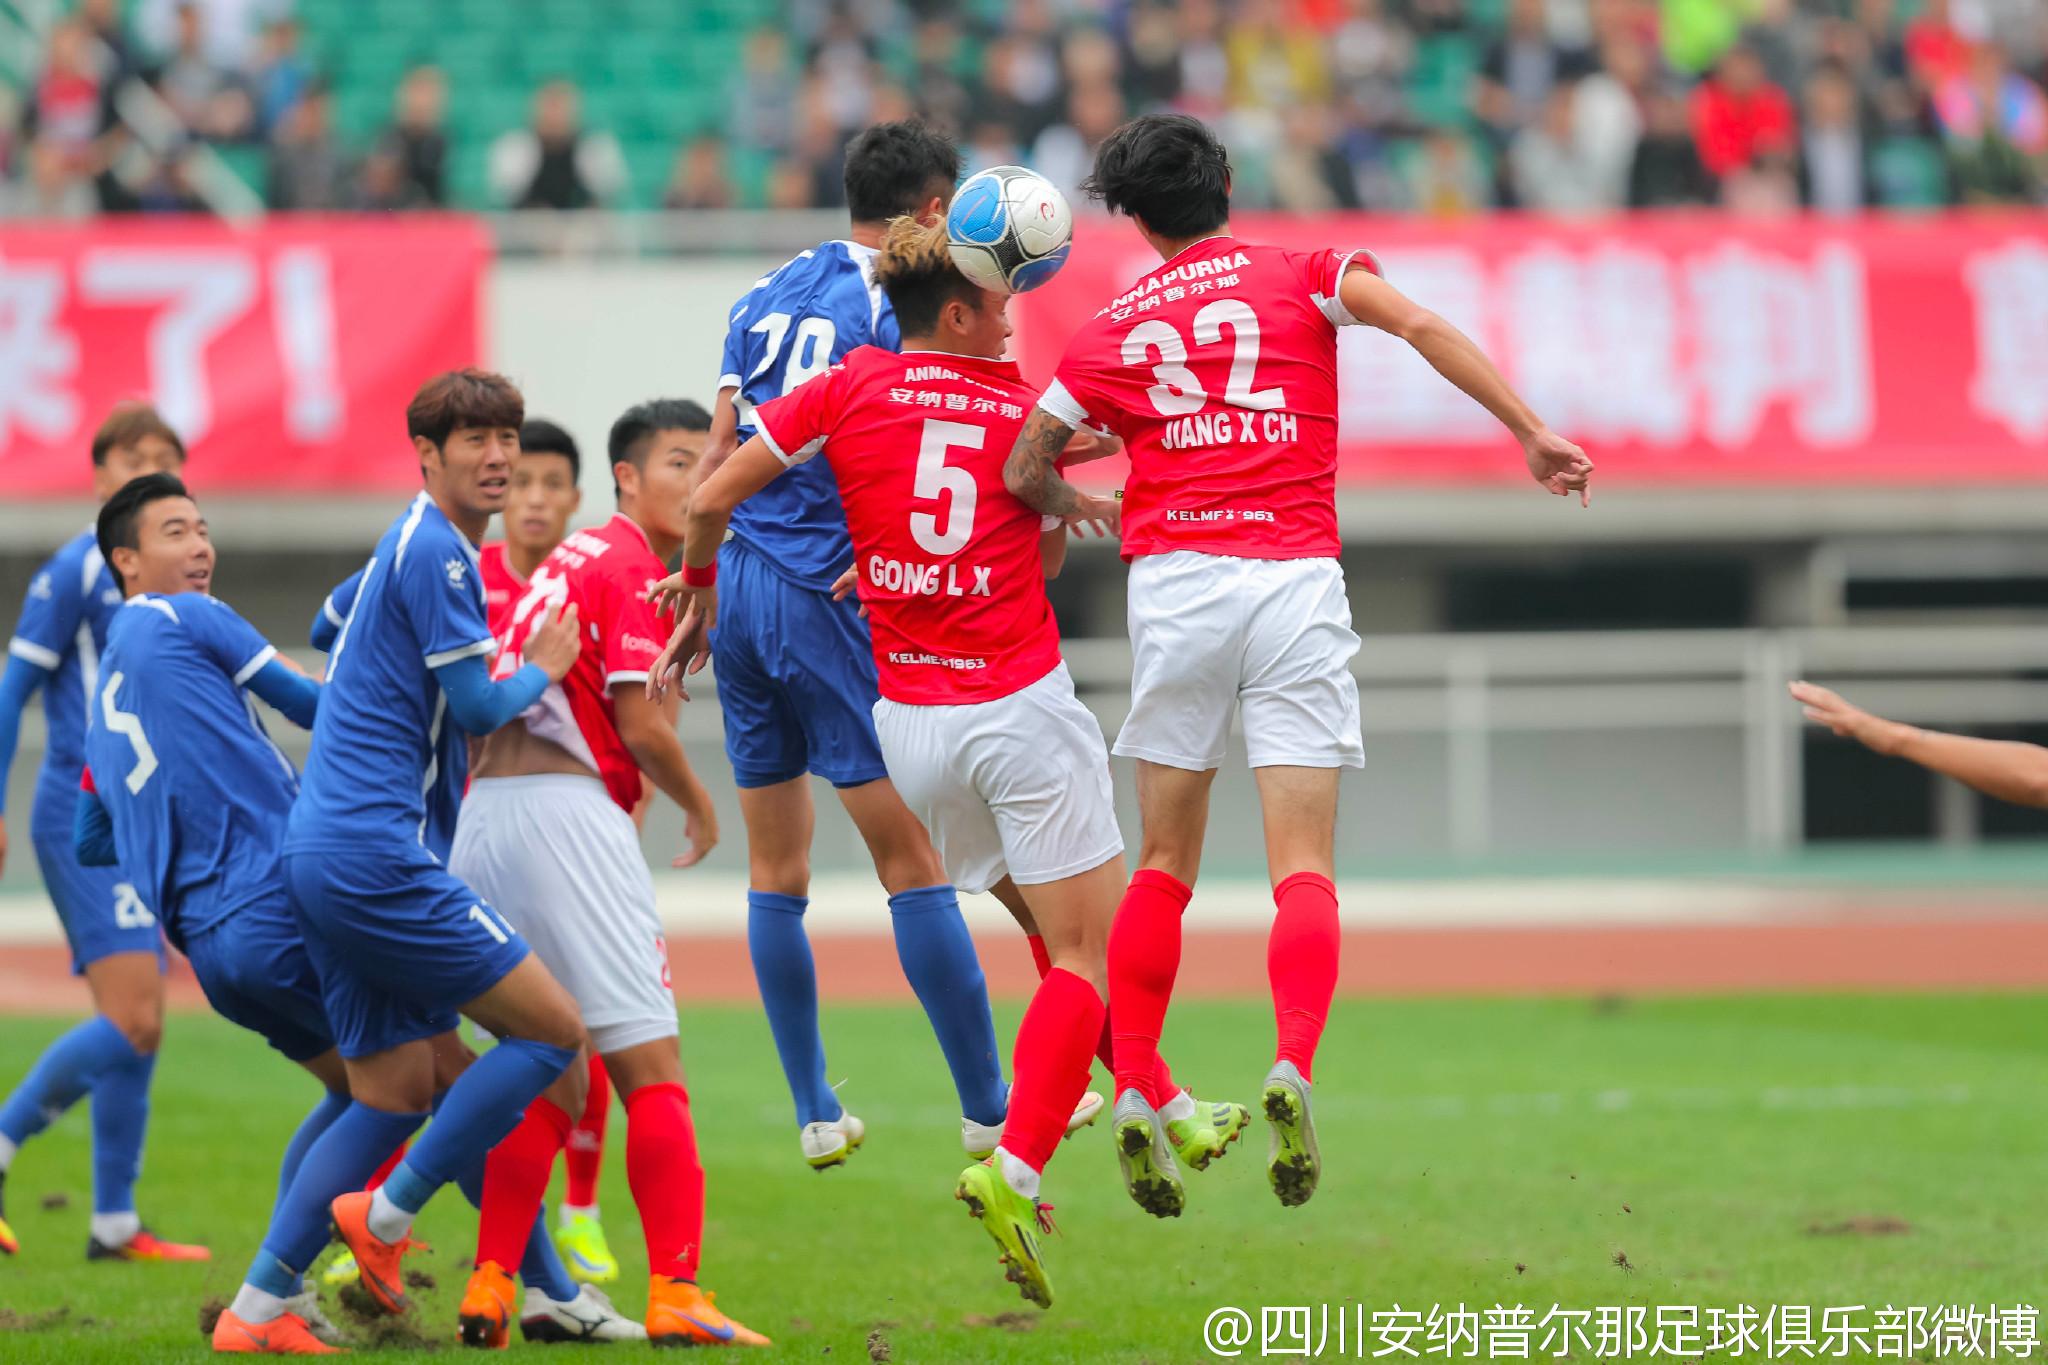 重庆足球市场_重庆足球场地预订_重庆风云足球